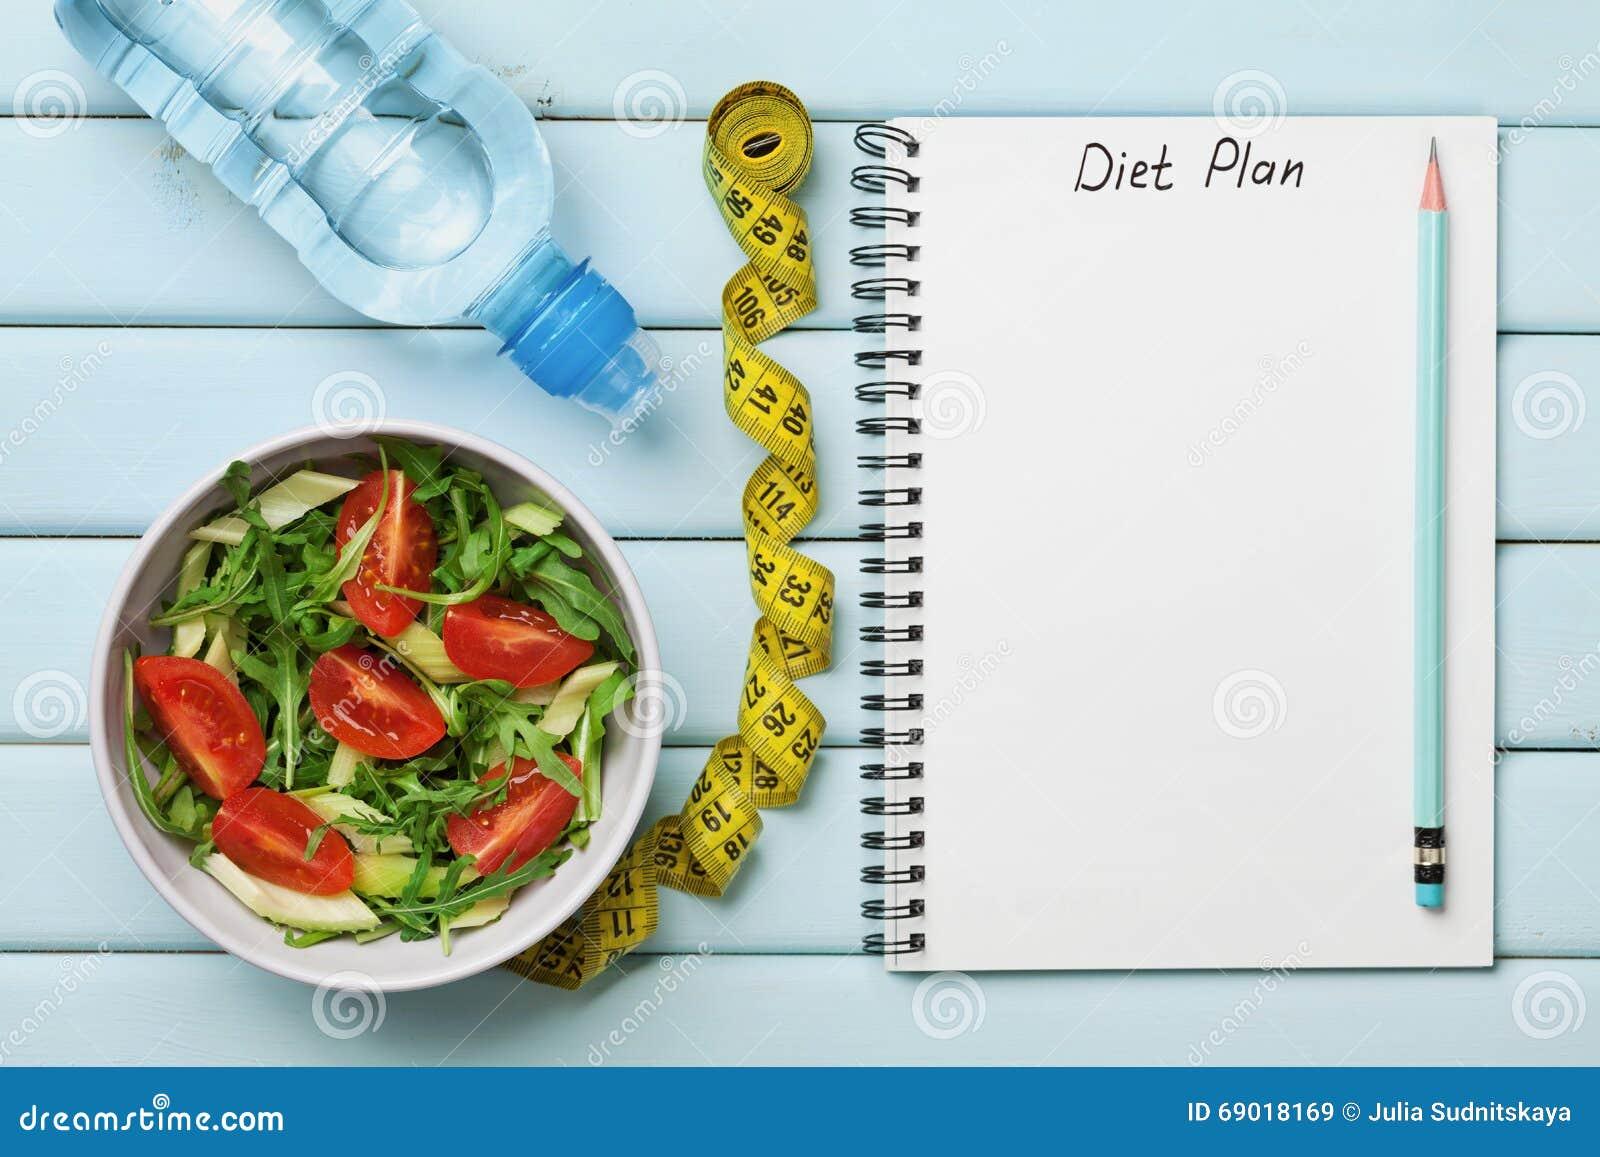 节食计划、菜单或者节目、卷尺、水和新鲜的沙拉饮食食物在蓝色背景的,减重和戒毒所概念